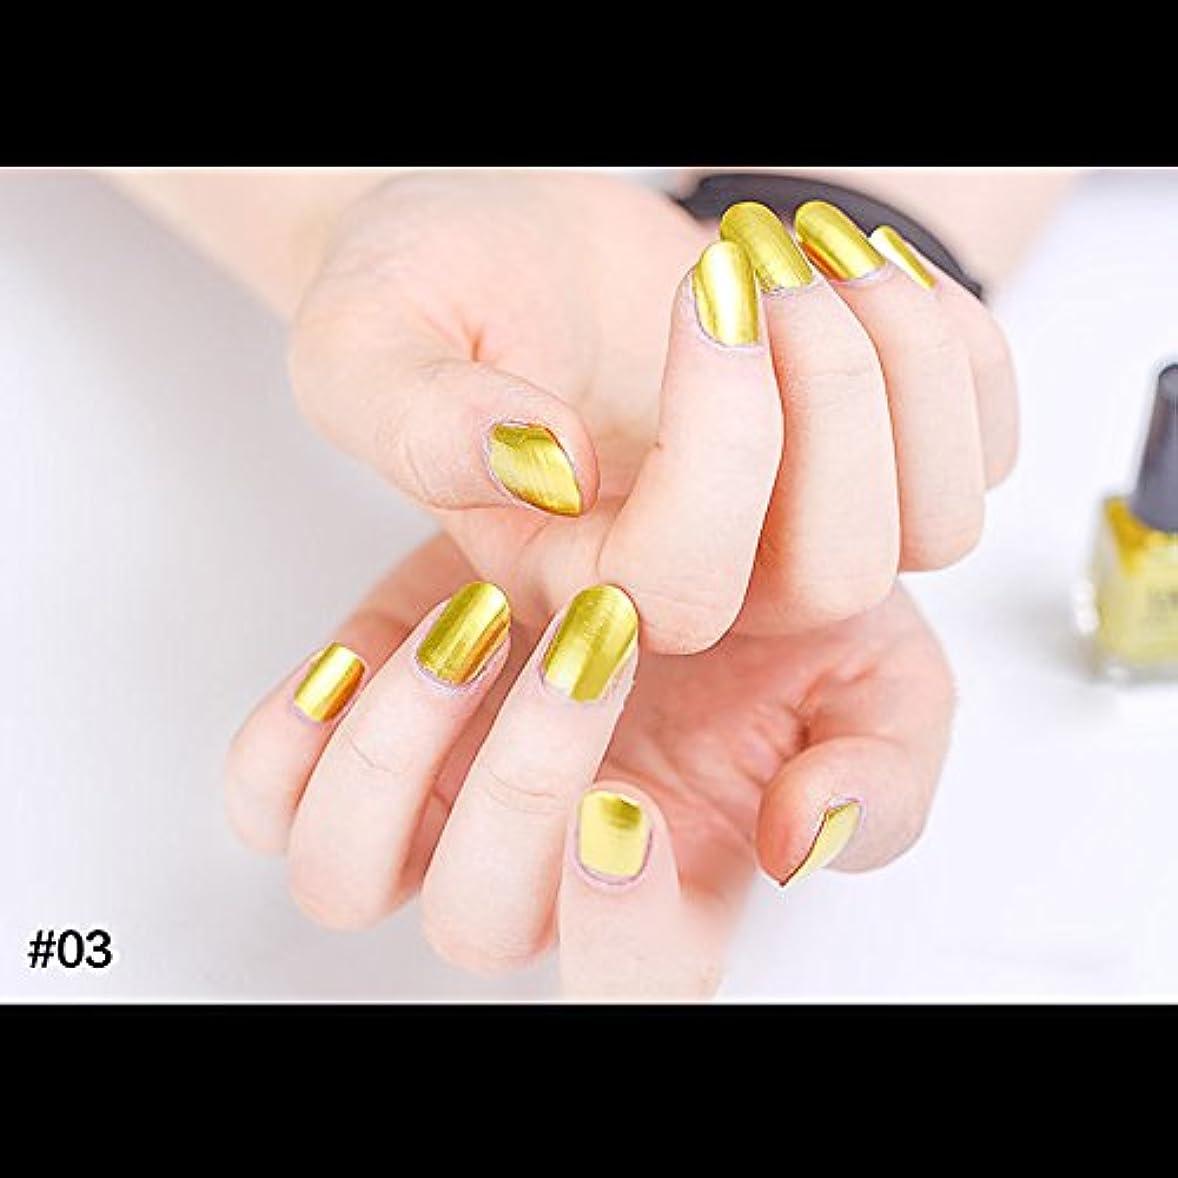 命令まだらシンポジウムhjuns-Wu マニキュア パール感 1ボトル 6ml ネイルポリッシュ(黄色)